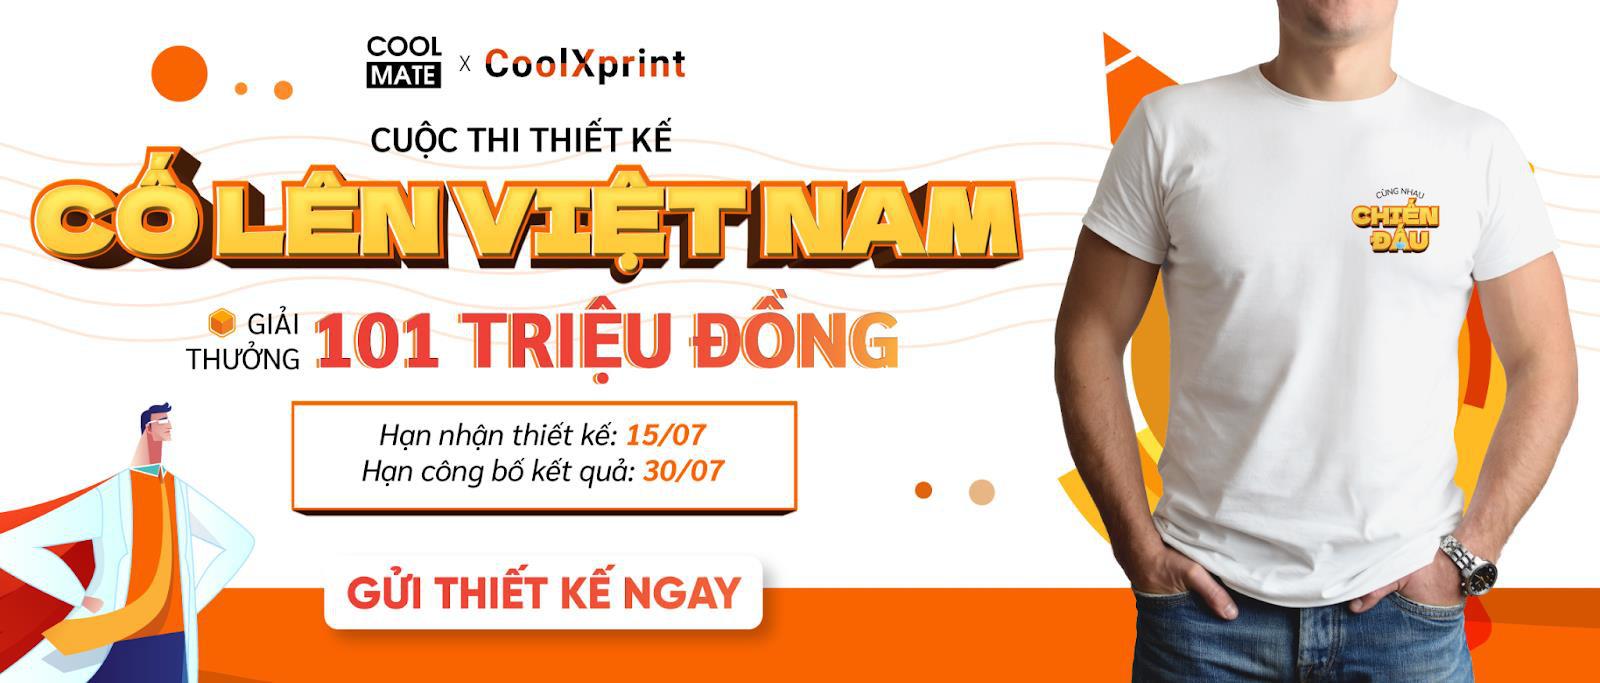 Coolmate tổ chức cuộc thi thiết kế Cố Lên Việt Nam với tổng giải thưởng 101 triệu đồng - Ảnh 2.